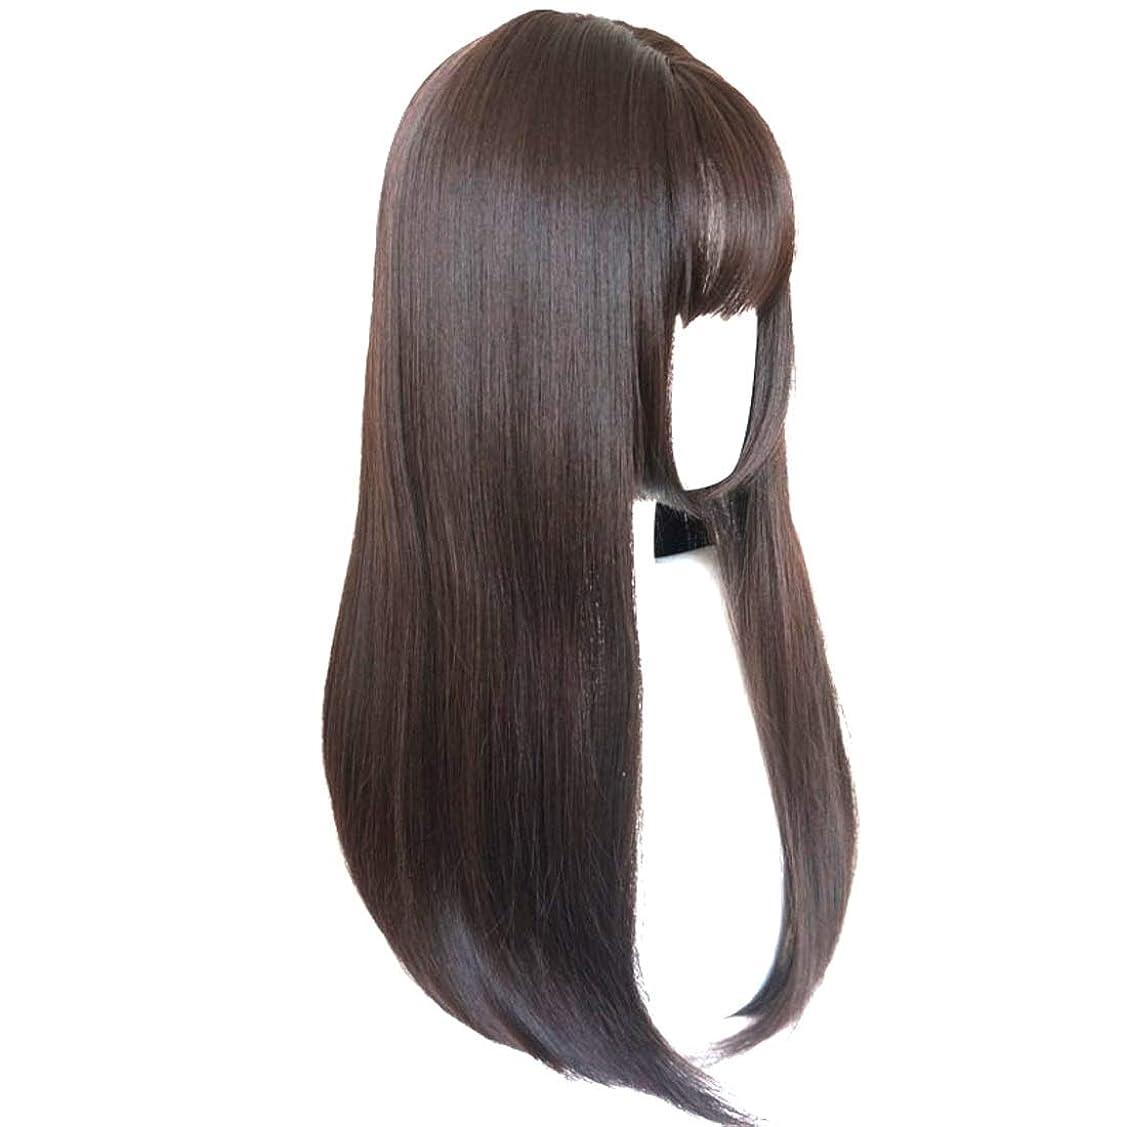 ネックレス大破落ち着いたKerwinner かつら完全なかつら女性のための耐熱性耐熱性でかつらストレートロング人工毛